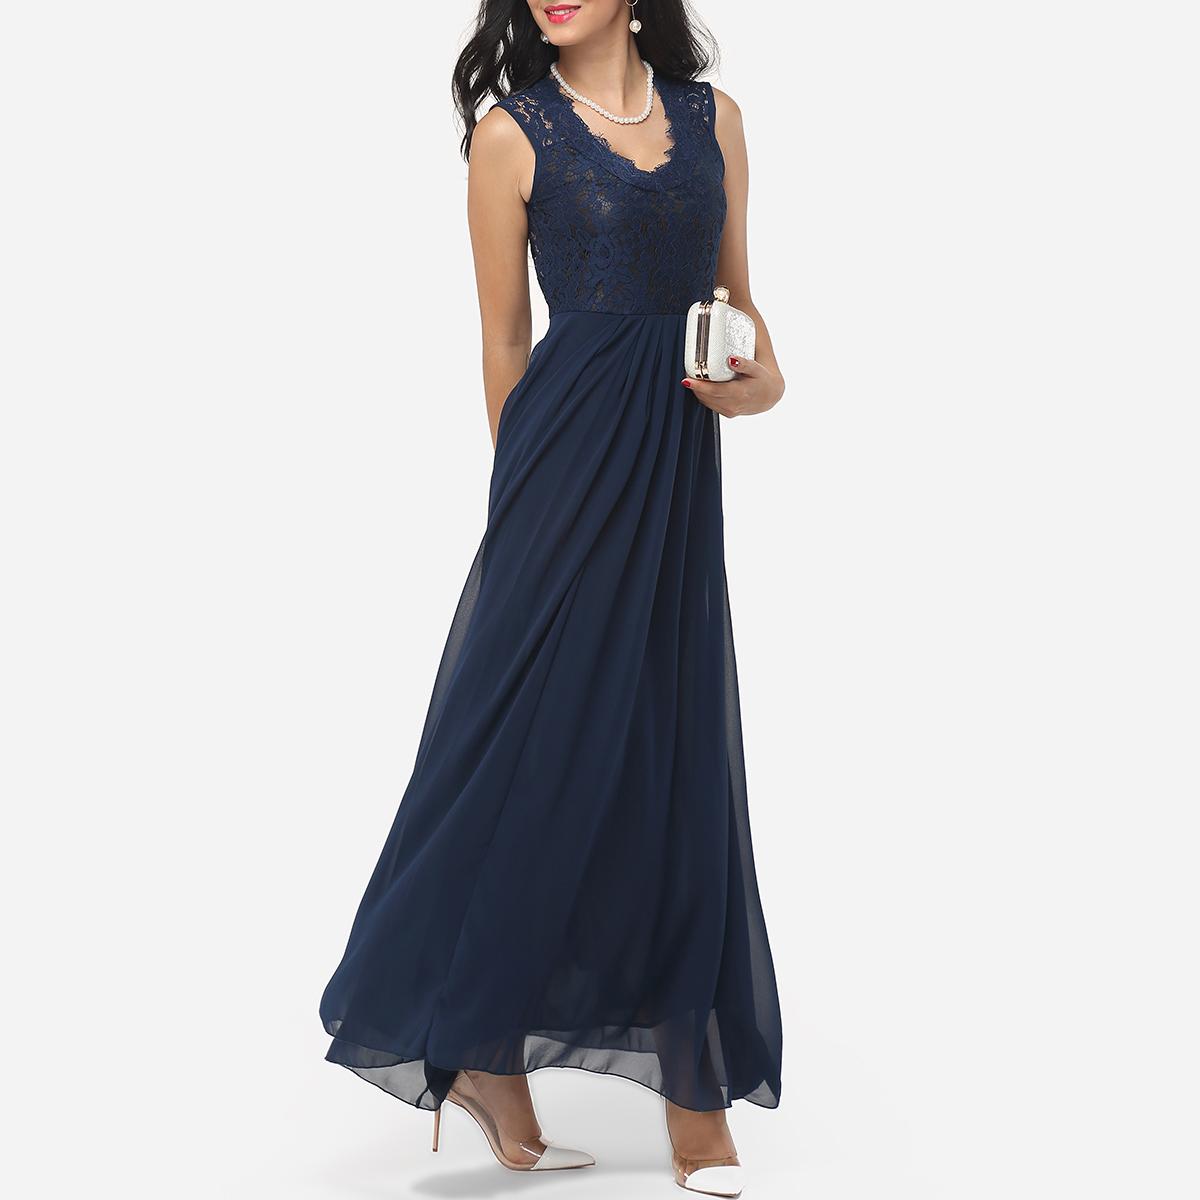 Zips V-Neck Dacron Hollow Out Lace Patchwork Plain Evening Dress